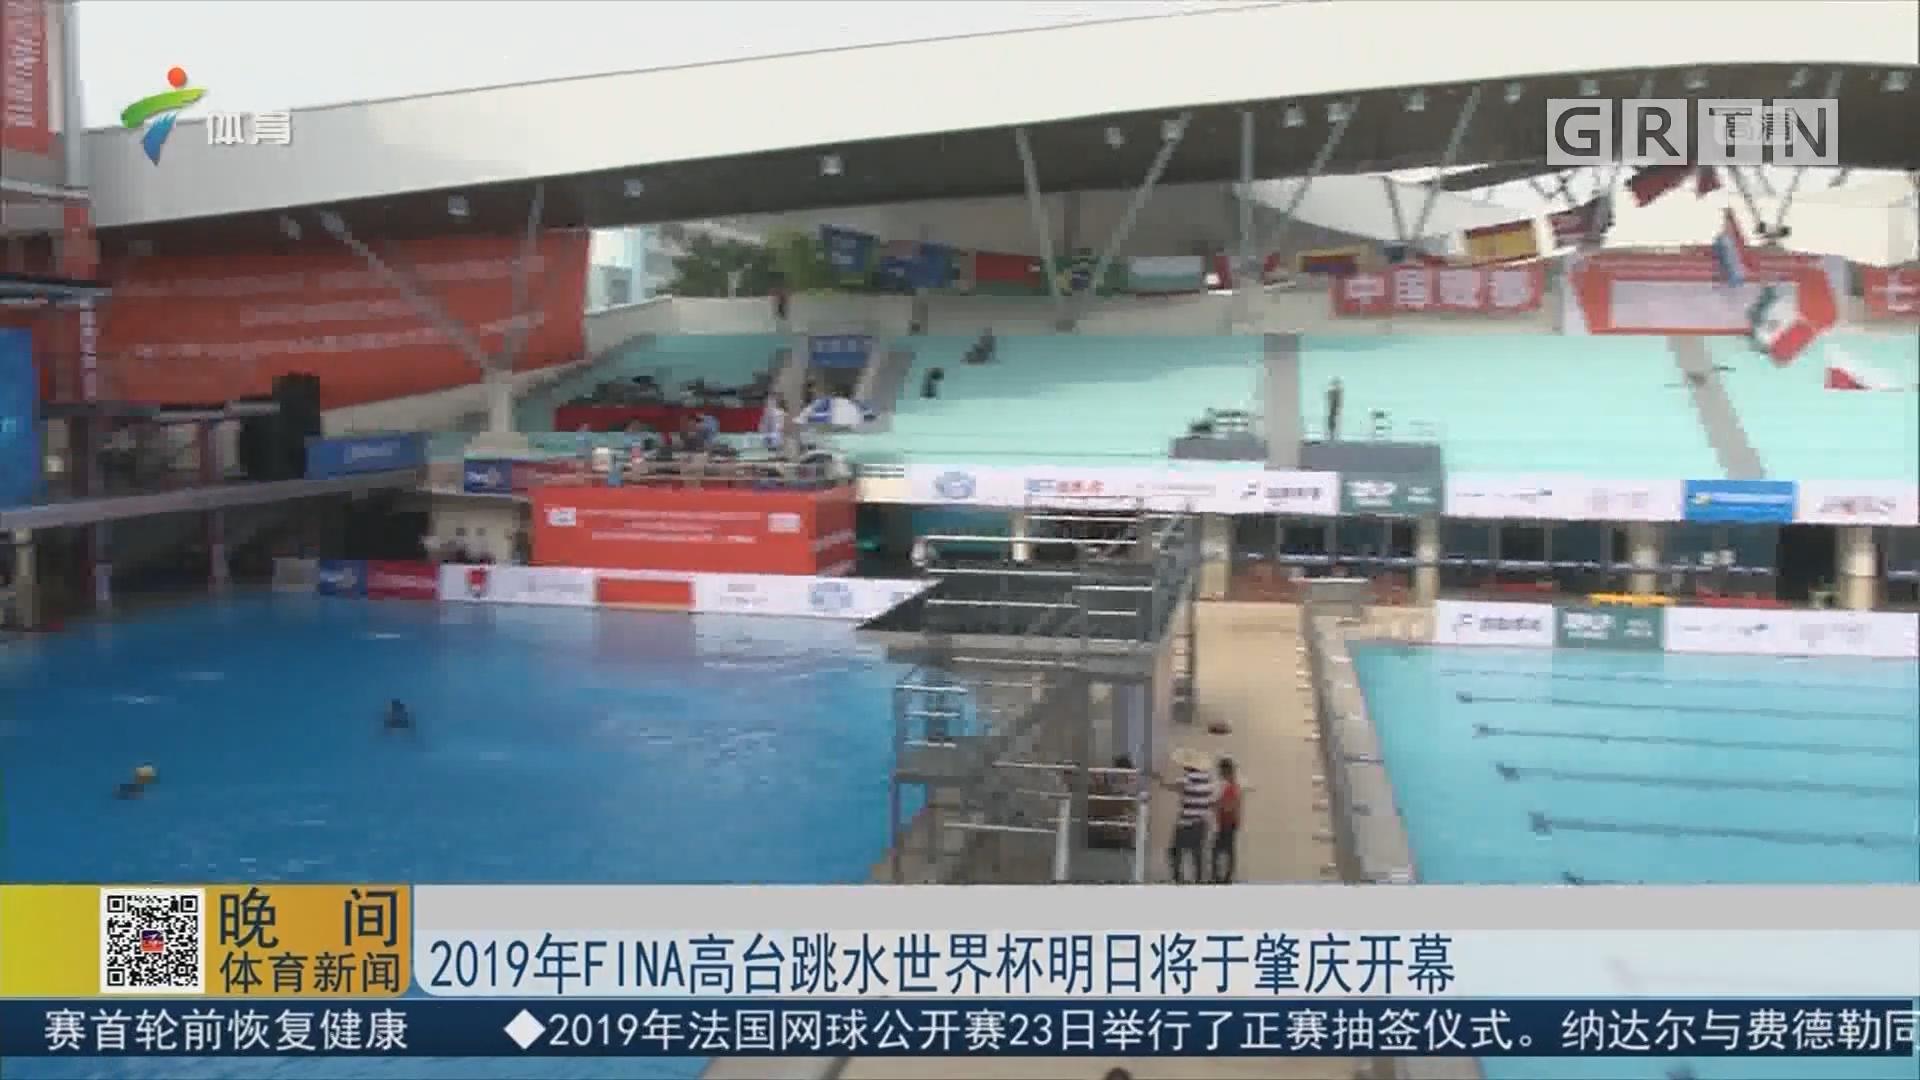 2019年FINA高台跳水世界杯明日将于肇庆开幕